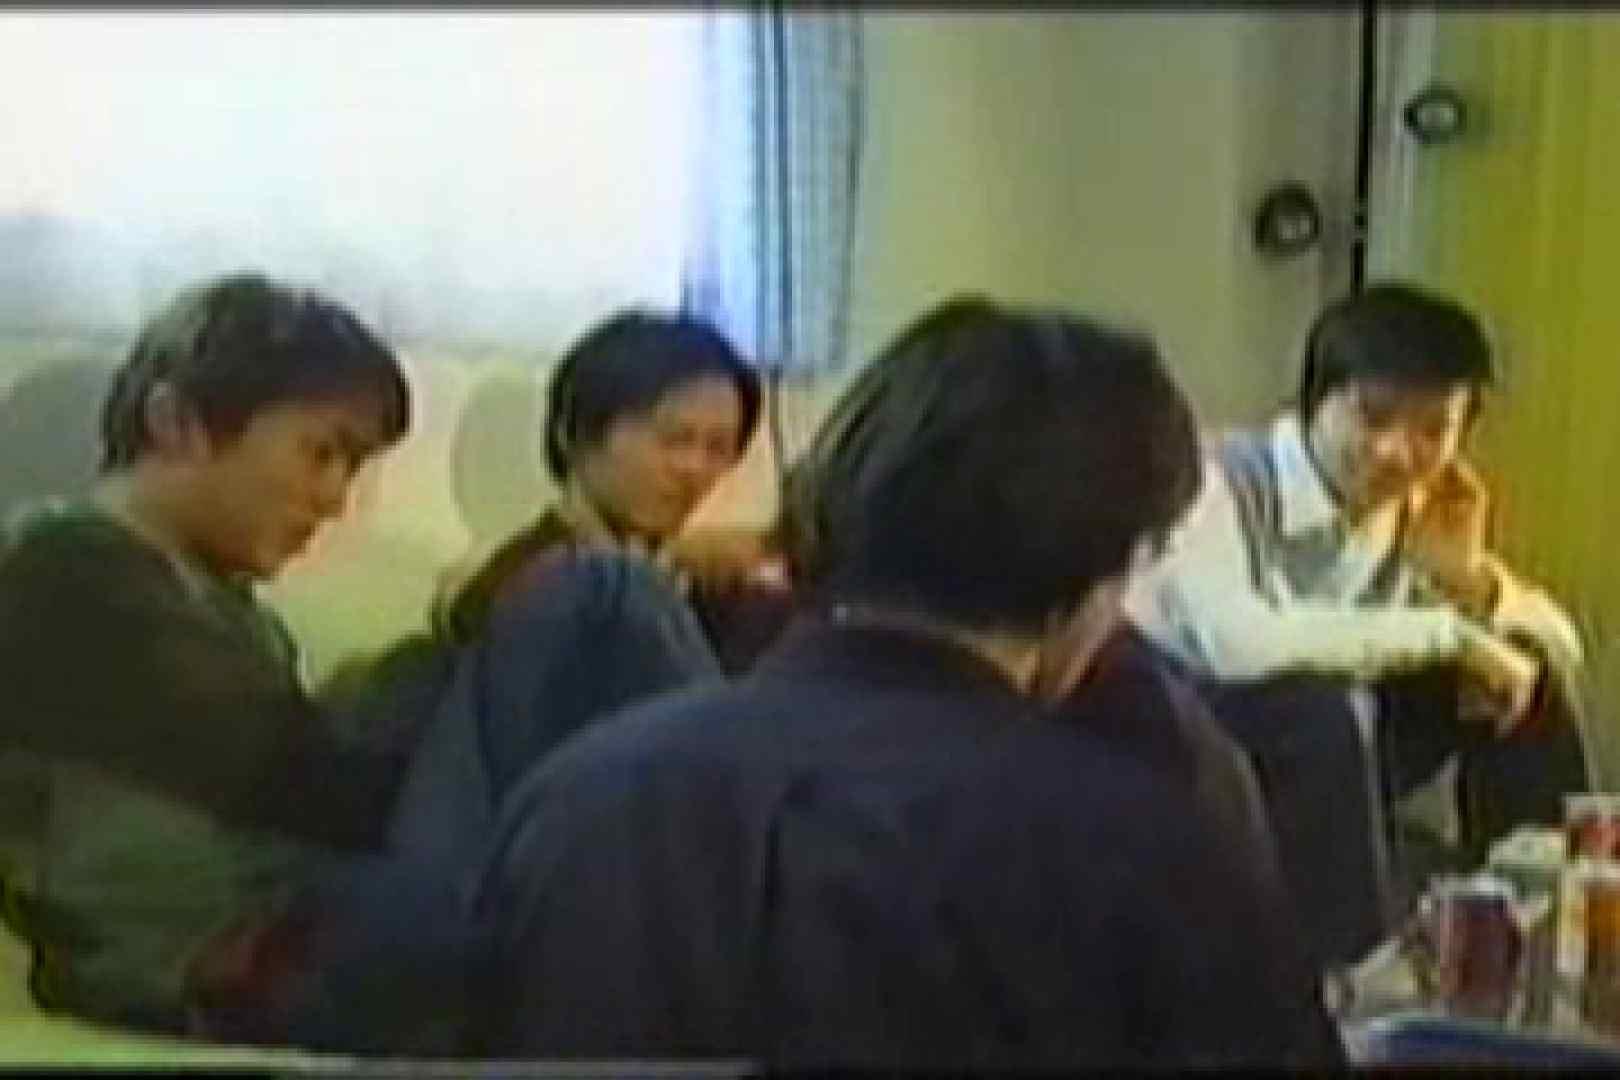 【流出】若者たちの集い 企画 ゲイ射精シーン 86画像 32